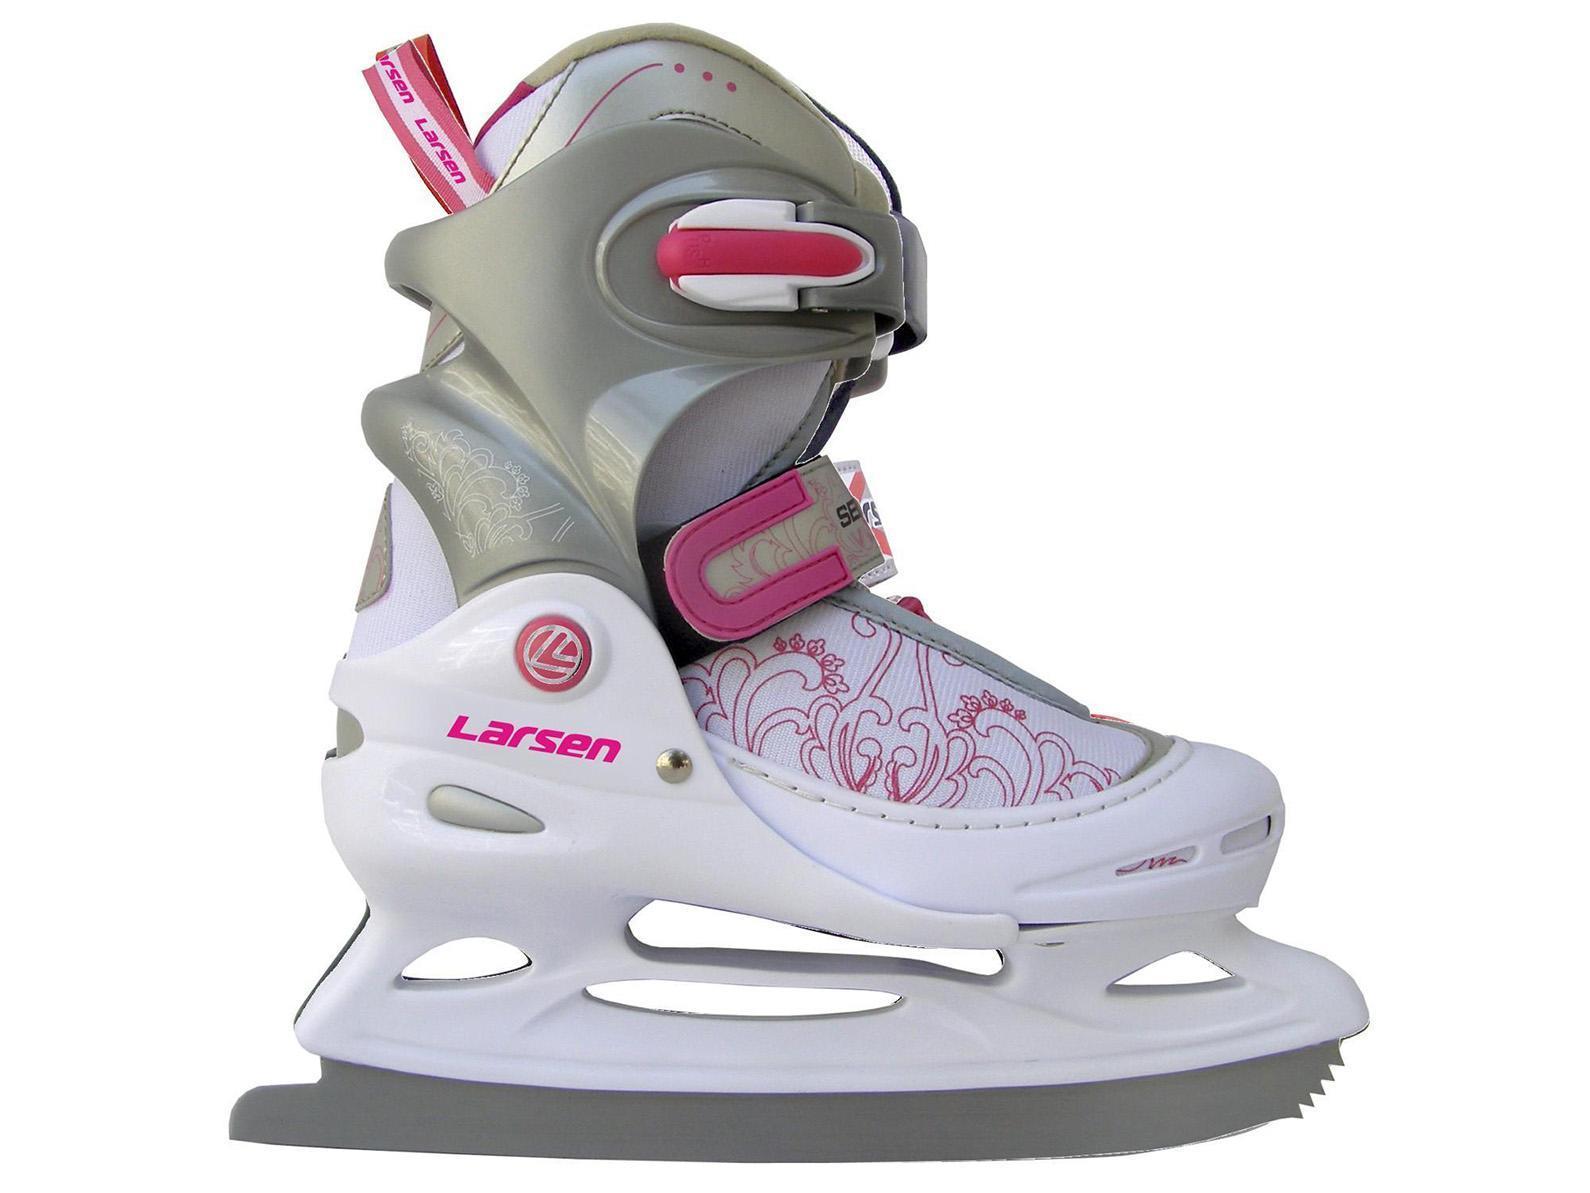 Коньки ледовые женские Larsen, раздвижные, цвет: серый, розовый, белый. Liberty 2014-2015. Размер 38/41 Larsen Liberty 2014-2015 White-Grey-